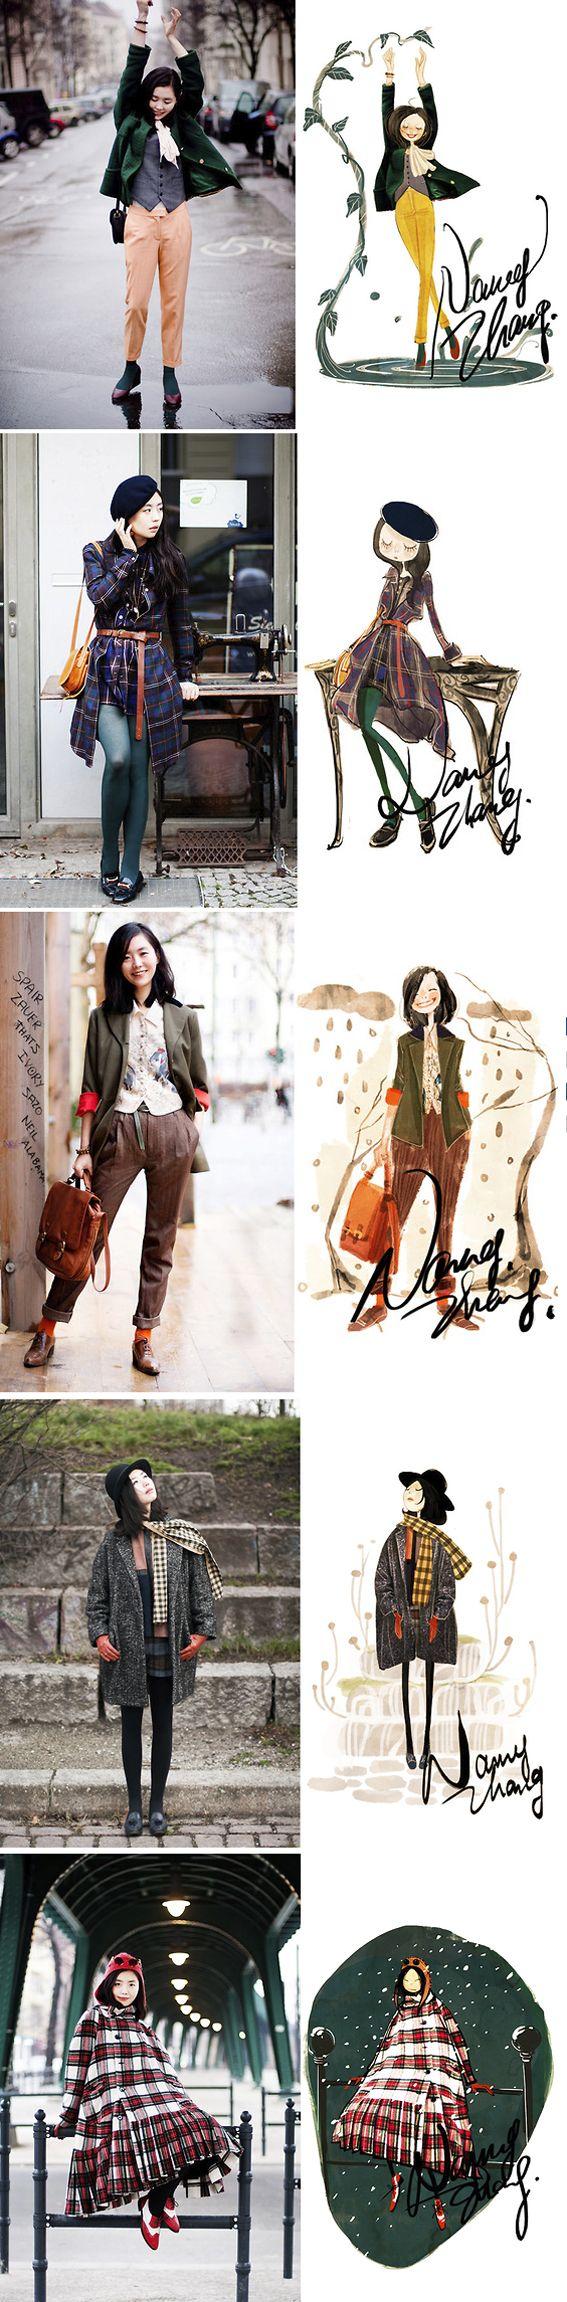 Nancy Zhangs drawings  http://www.xiaoxizhang.com/